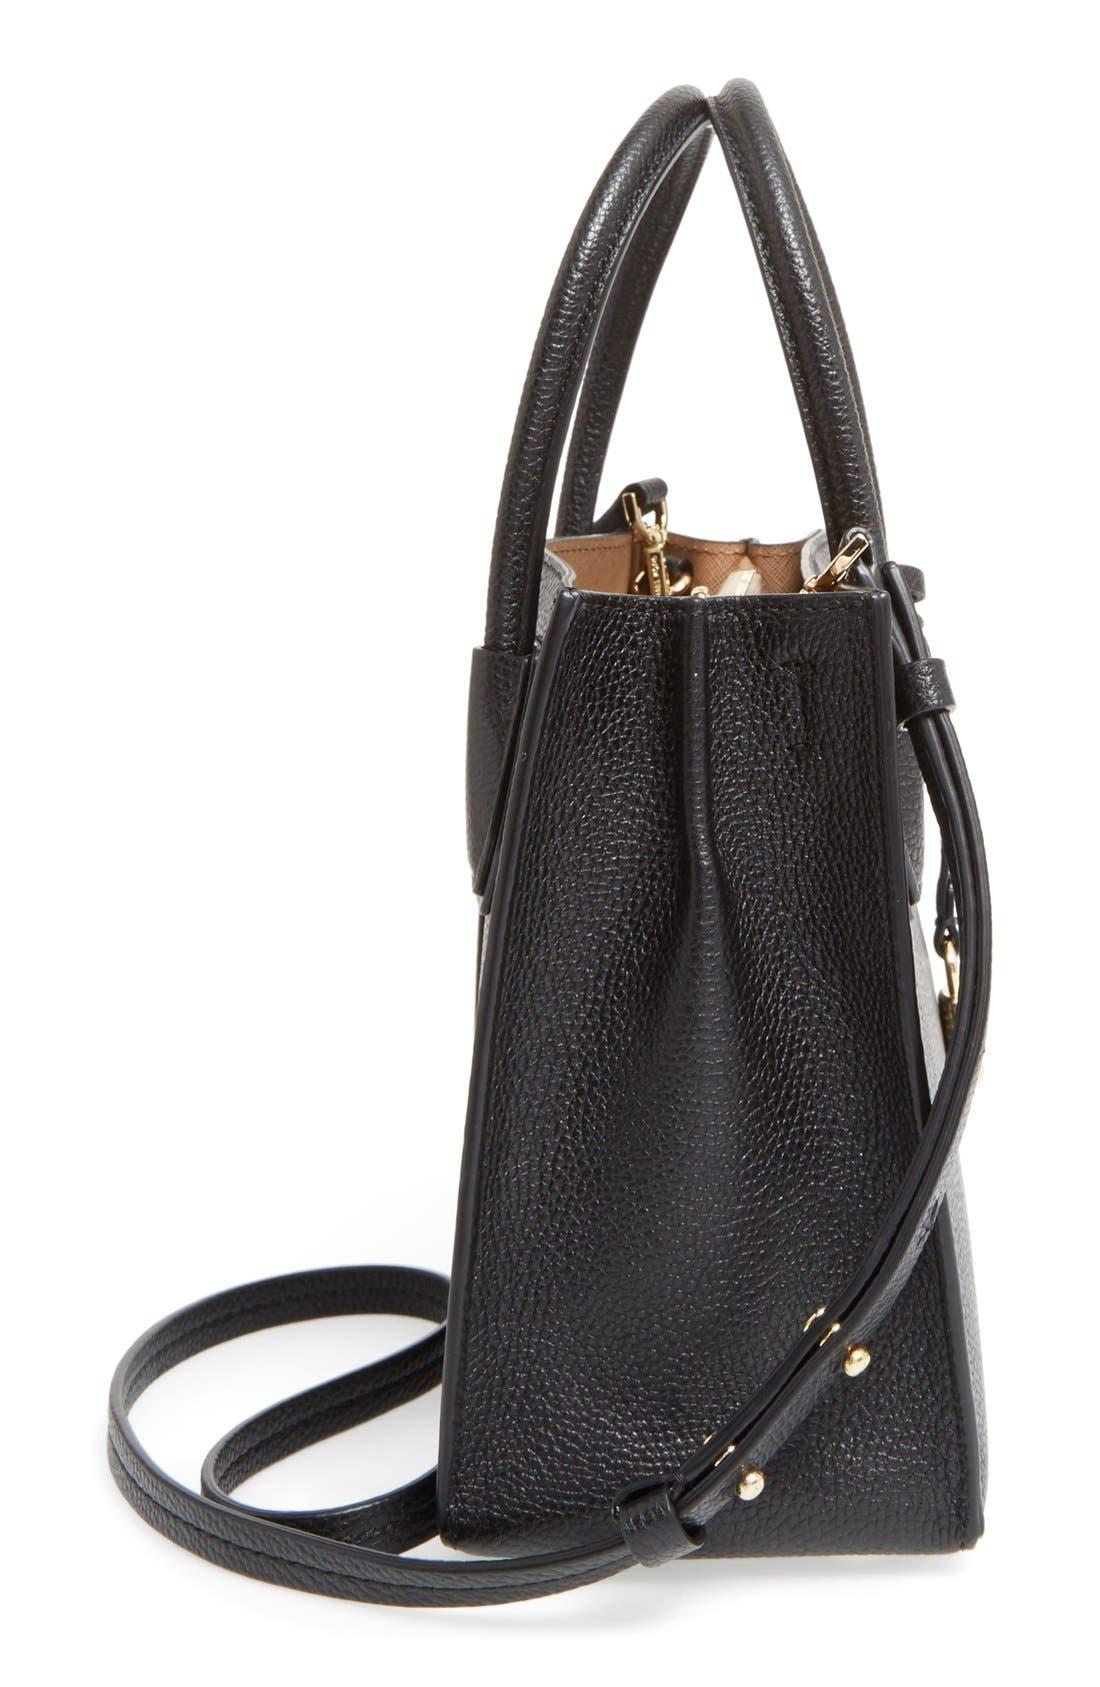 Mercer Leather Crossbody Bag,                             Alternate thumbnail 5, color,                             Black/ Gold